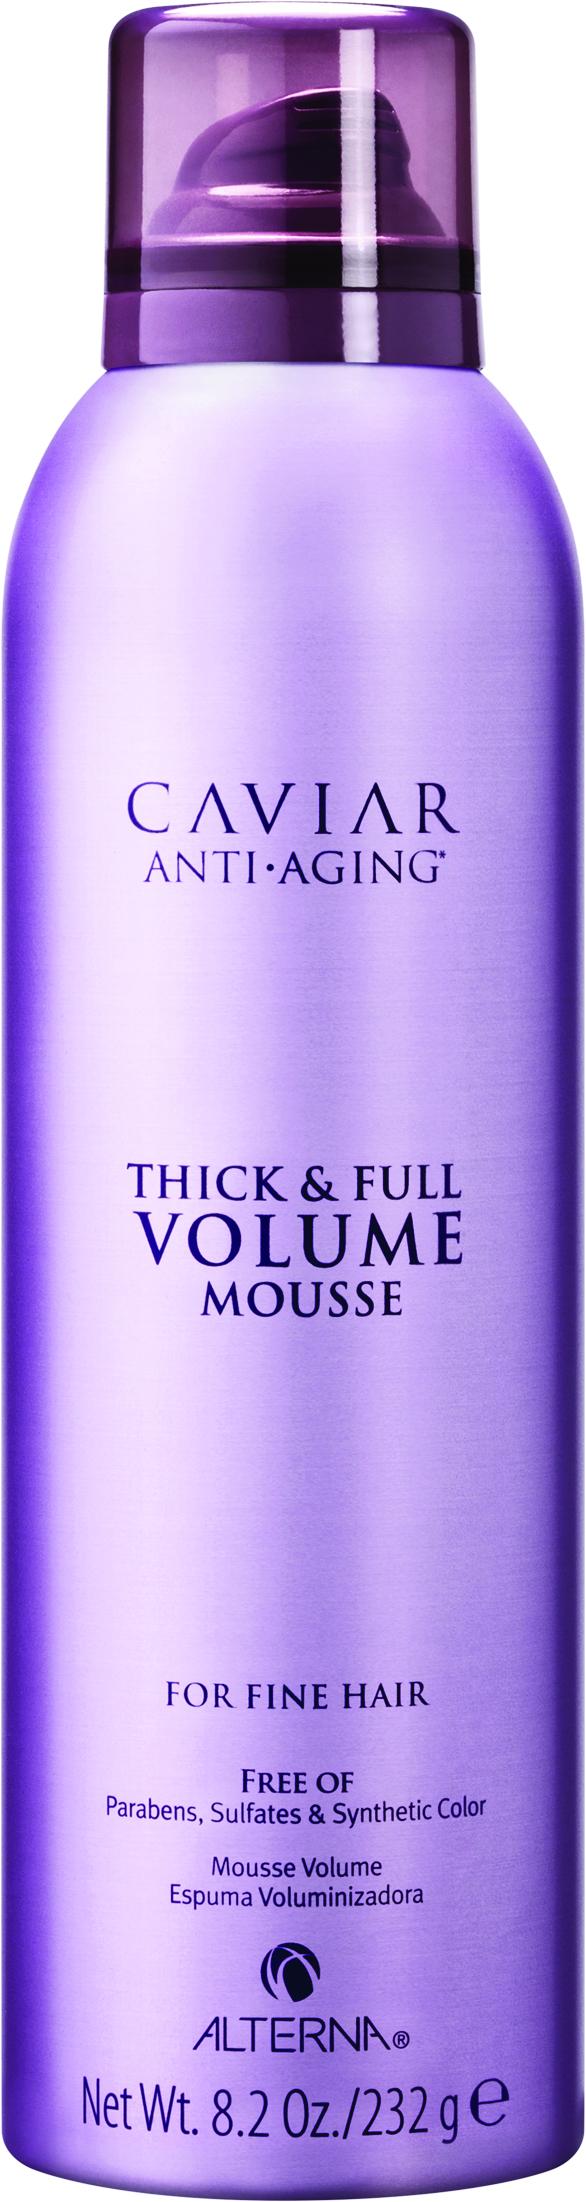 ALTERNA Пена для создания объема и уплотнения волос / Caviar Anti-Aging Thick &amp; Full Volume Mousse 232грПенки<br>Универсальная пена для увеличения объема и плотности волос. Способствует укреплению структуры волос, придает им новую силу и эластичность, предотвращает появление видимых признаков старения волос. Пена позволяет создавать необходимую текстуру и фиксацию, выравнивая поверхность кутикулы волос. Способ применения: нанесите оптимальное количество пены (эквивалент грецкого ореха) на вымытые, подсушенные полотенцем волосы. Равномерно распределите по поверхности волос и кожи головы. Тщательно вотрите руками, при необходимости расчешите. Выполните укладку с использованием инструментов (фен, утюг, щипцы, термощетки, диффузор).<br><br>Типы волос: Для всех типов